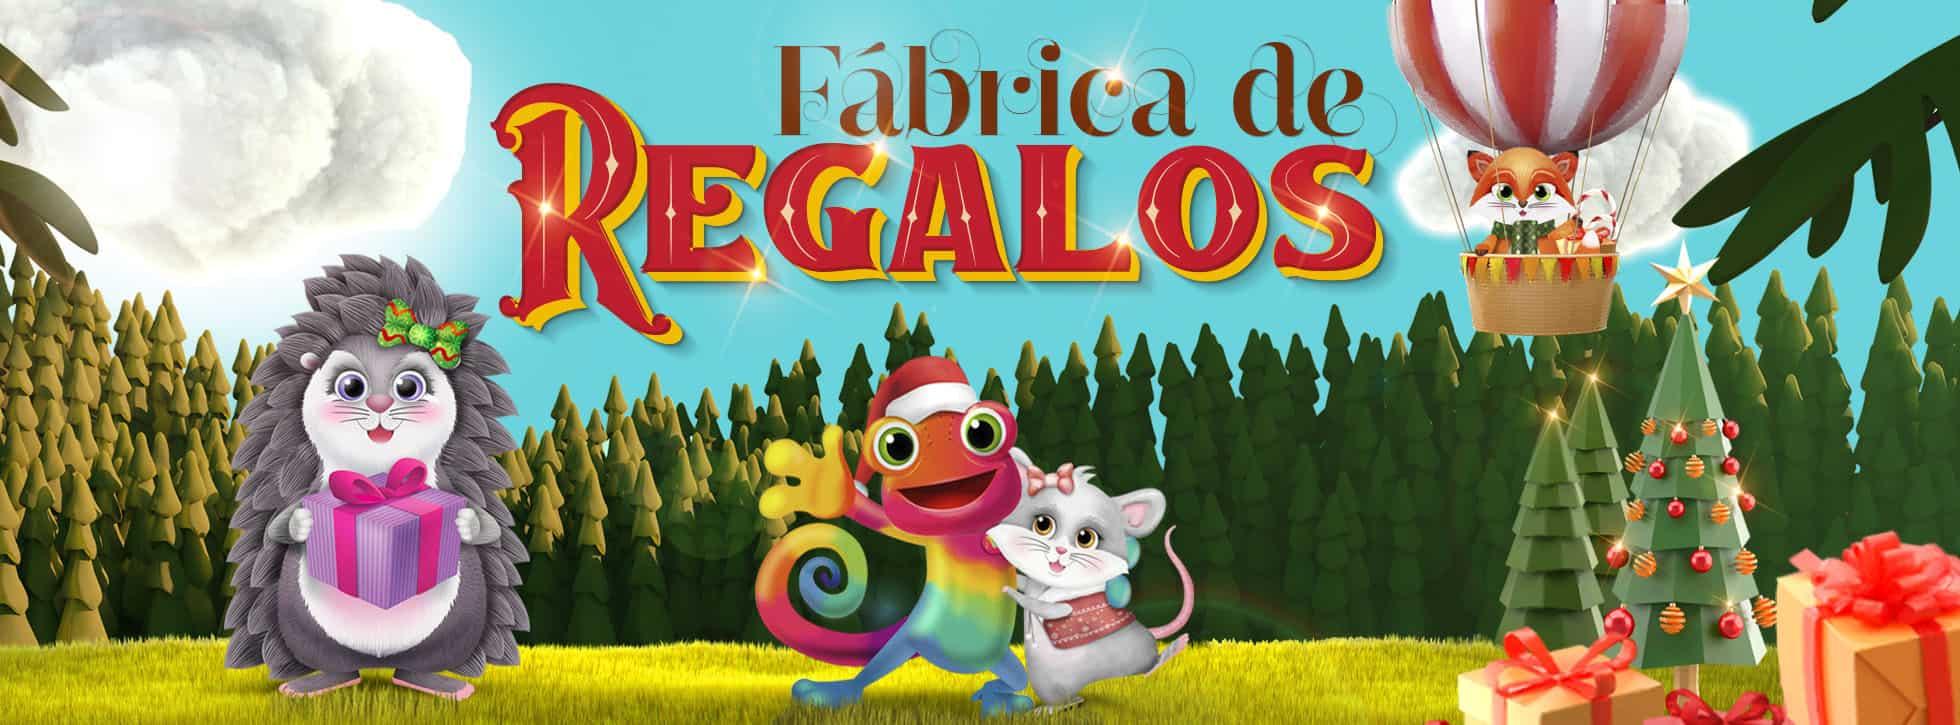 FÁBRICA DE REGALOS BANNER